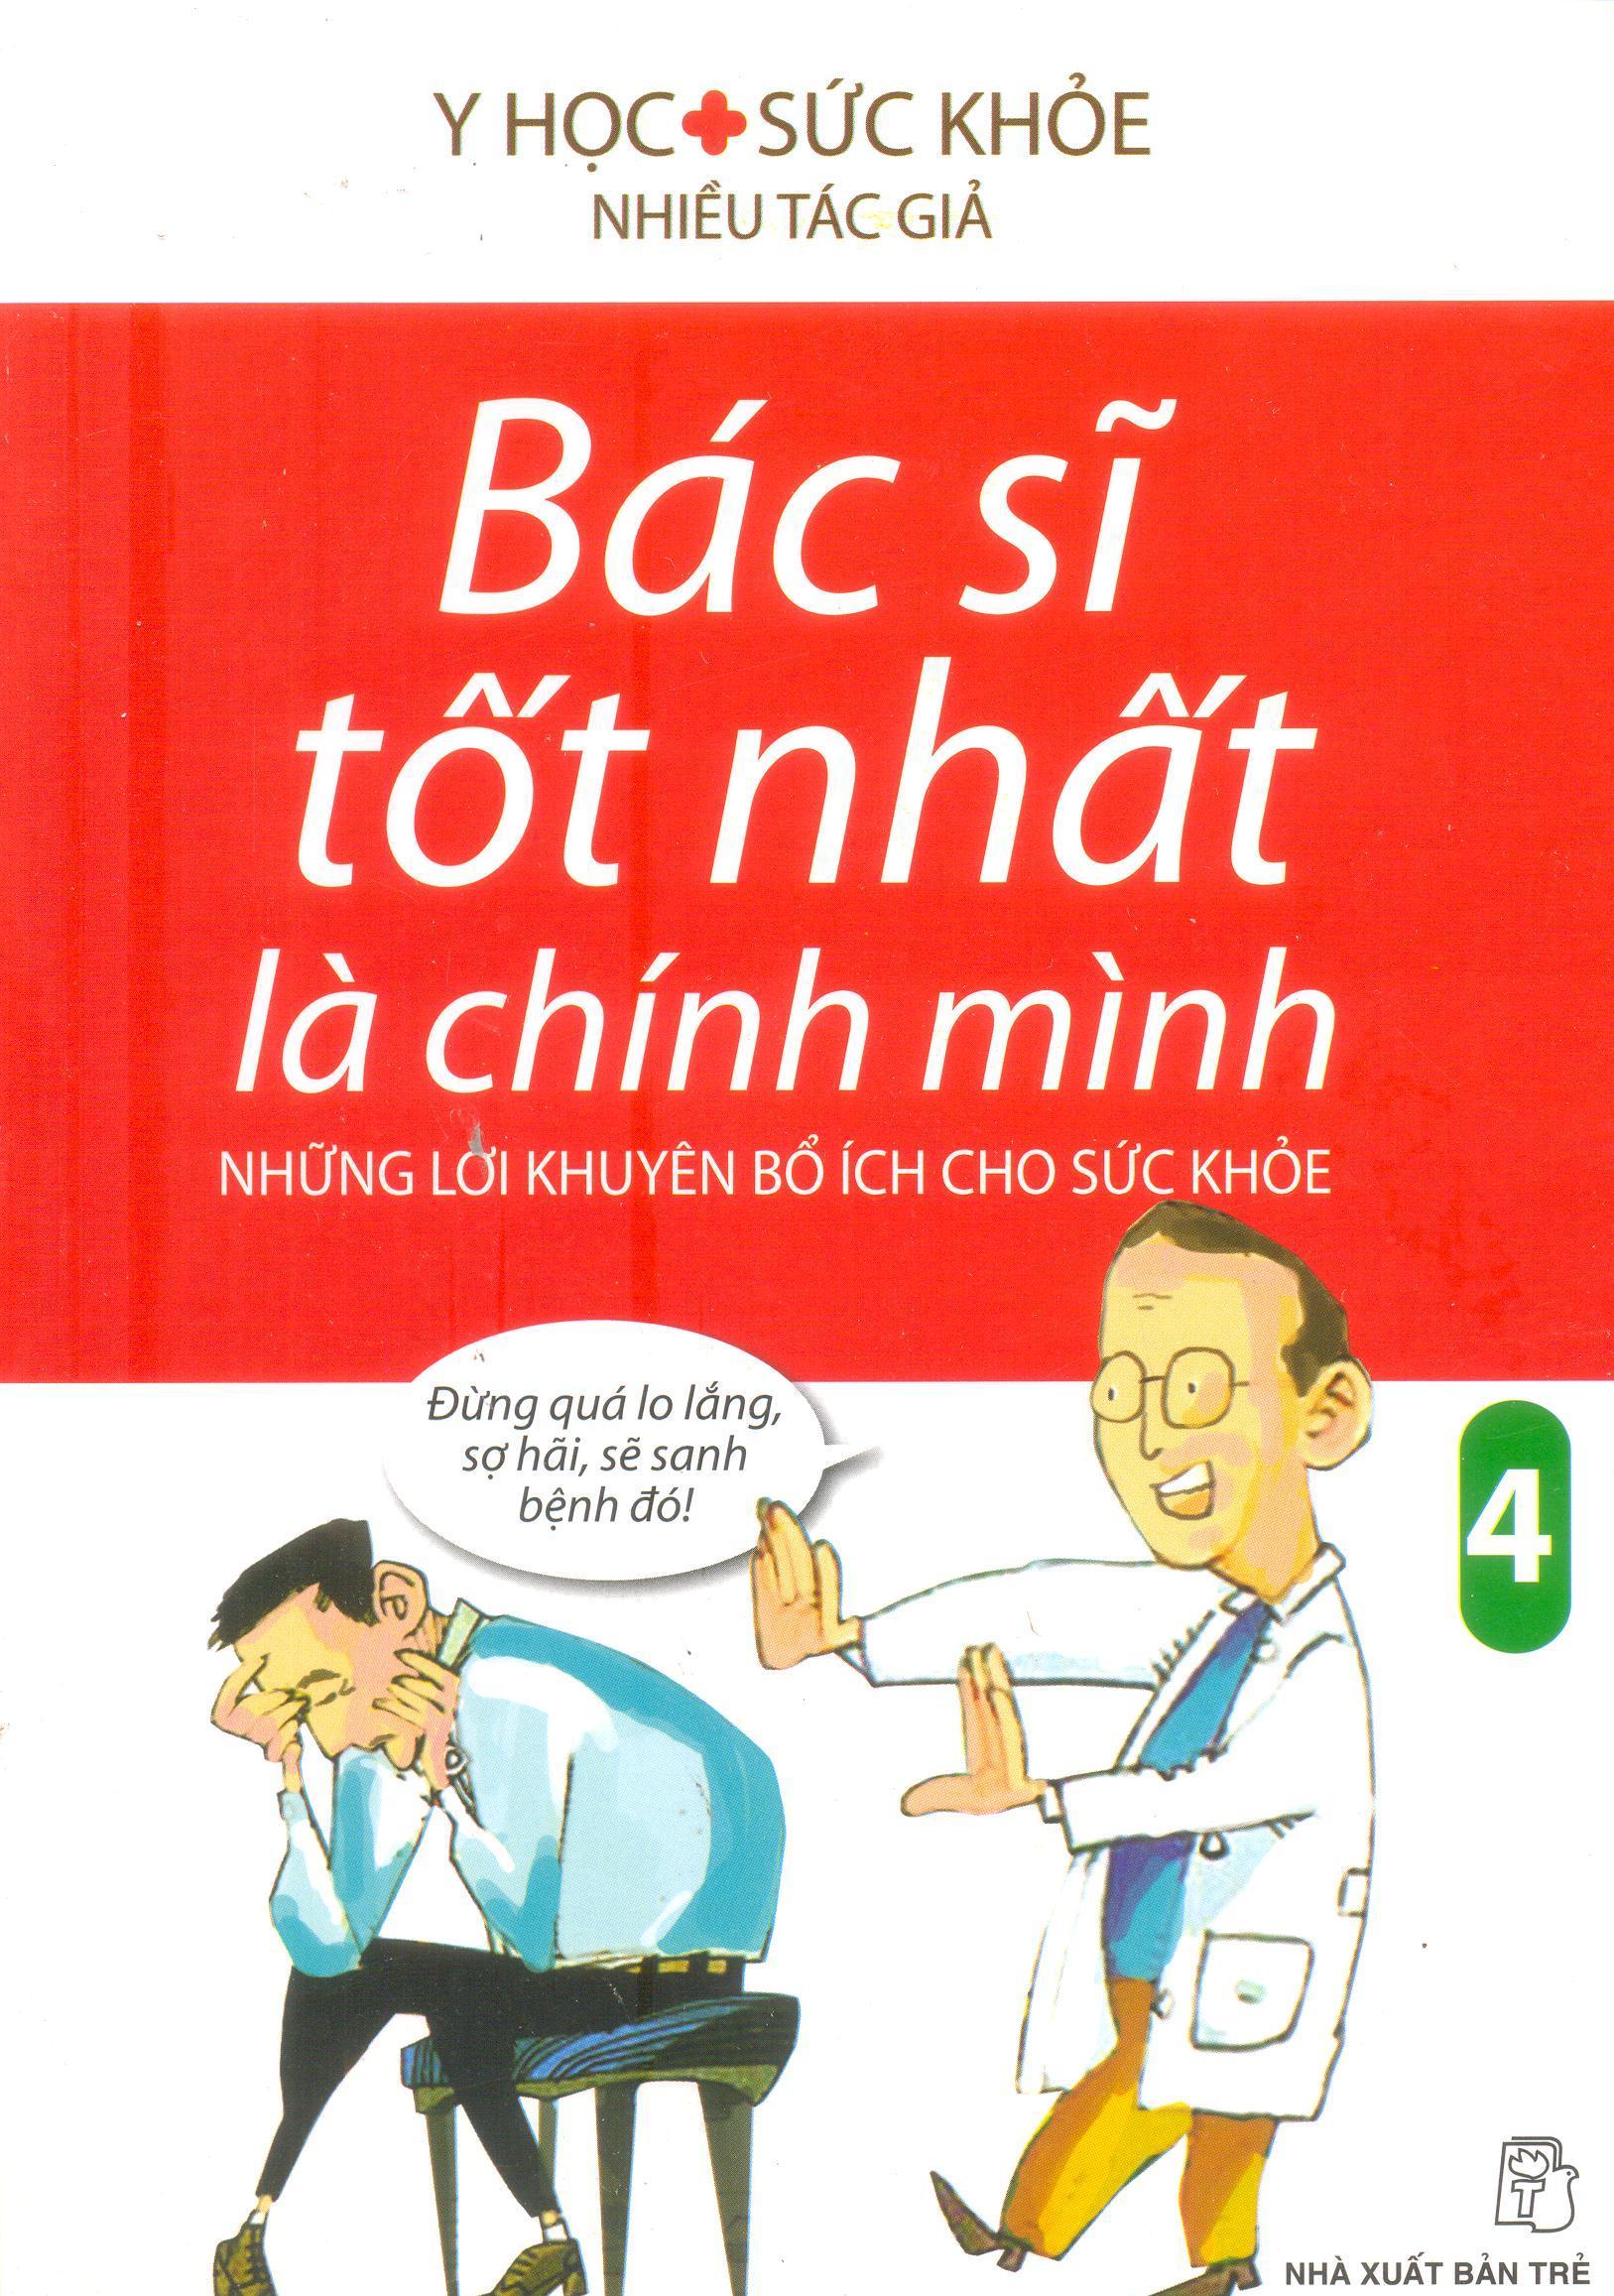 Bìa sách Bác Sĩ Tốt Nhất Là Chính Mình - Những Lời Khuyên Bổ Ích Cho Sức Khoẻ (Tập 4) (Tái Bản)